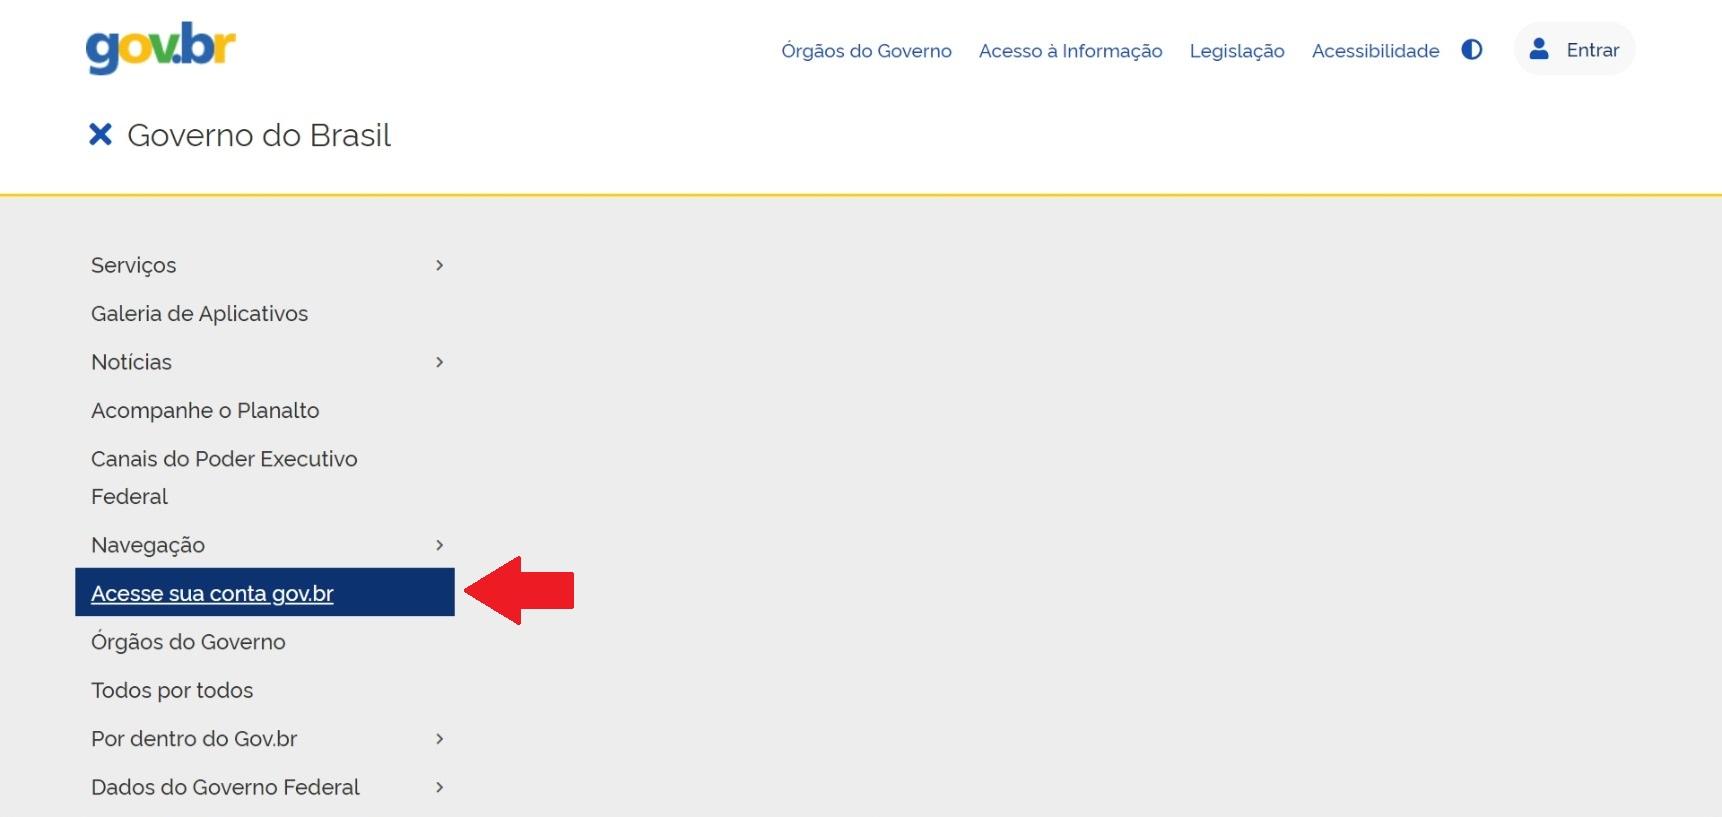 item acesse a sua conta gov.br